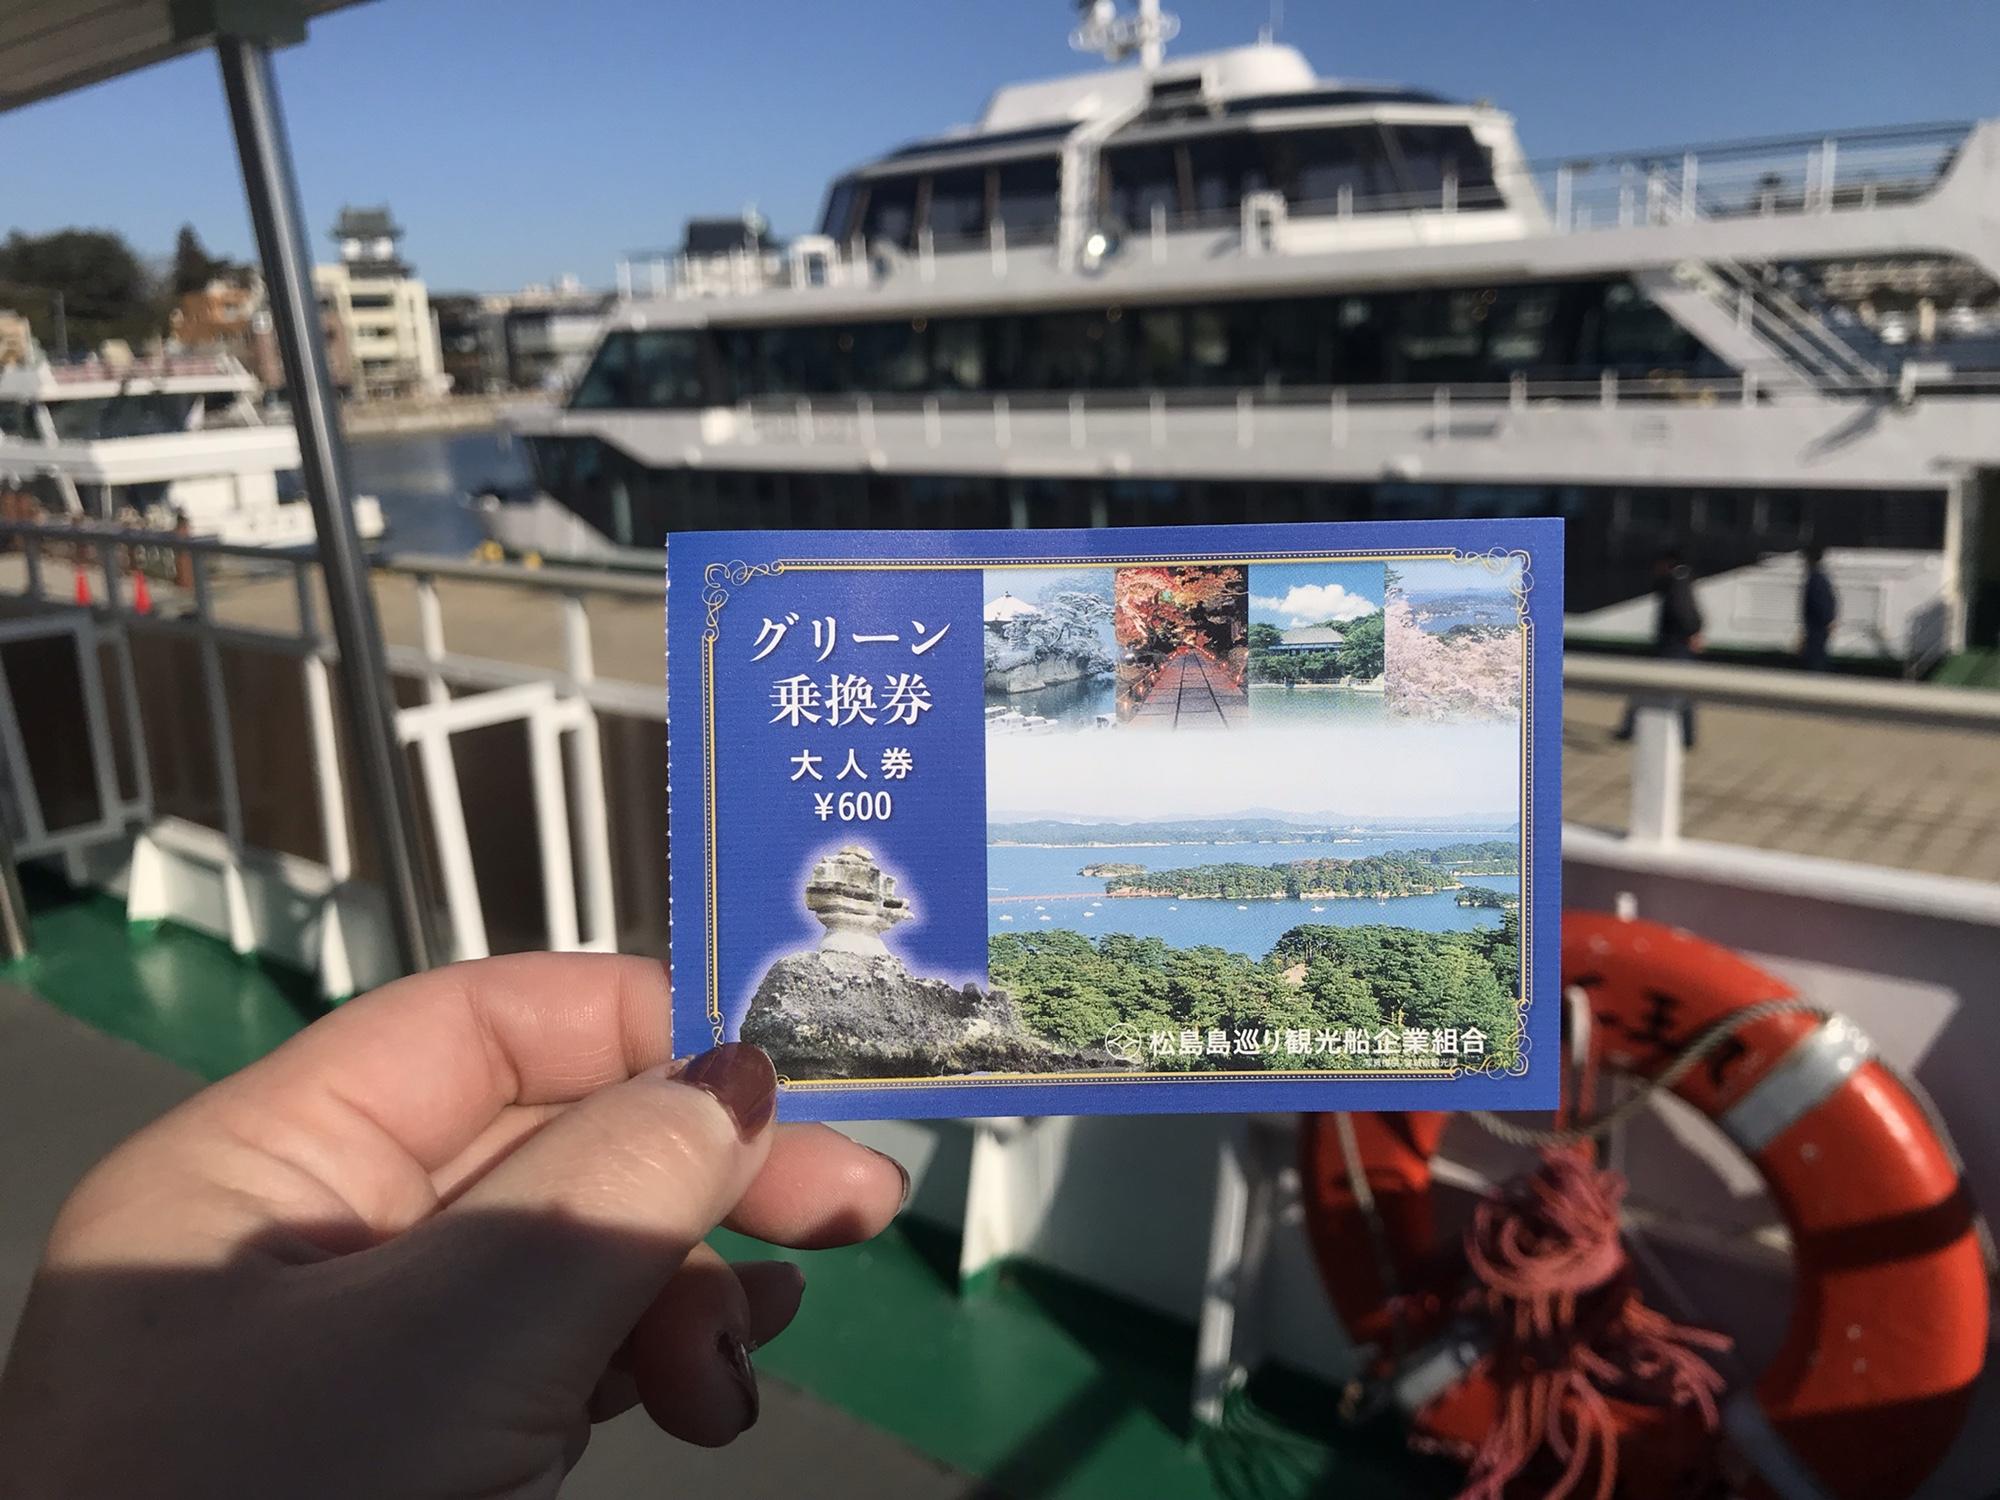 松島観光遊覧船 仁王丸 普通席とグリーン席の違い